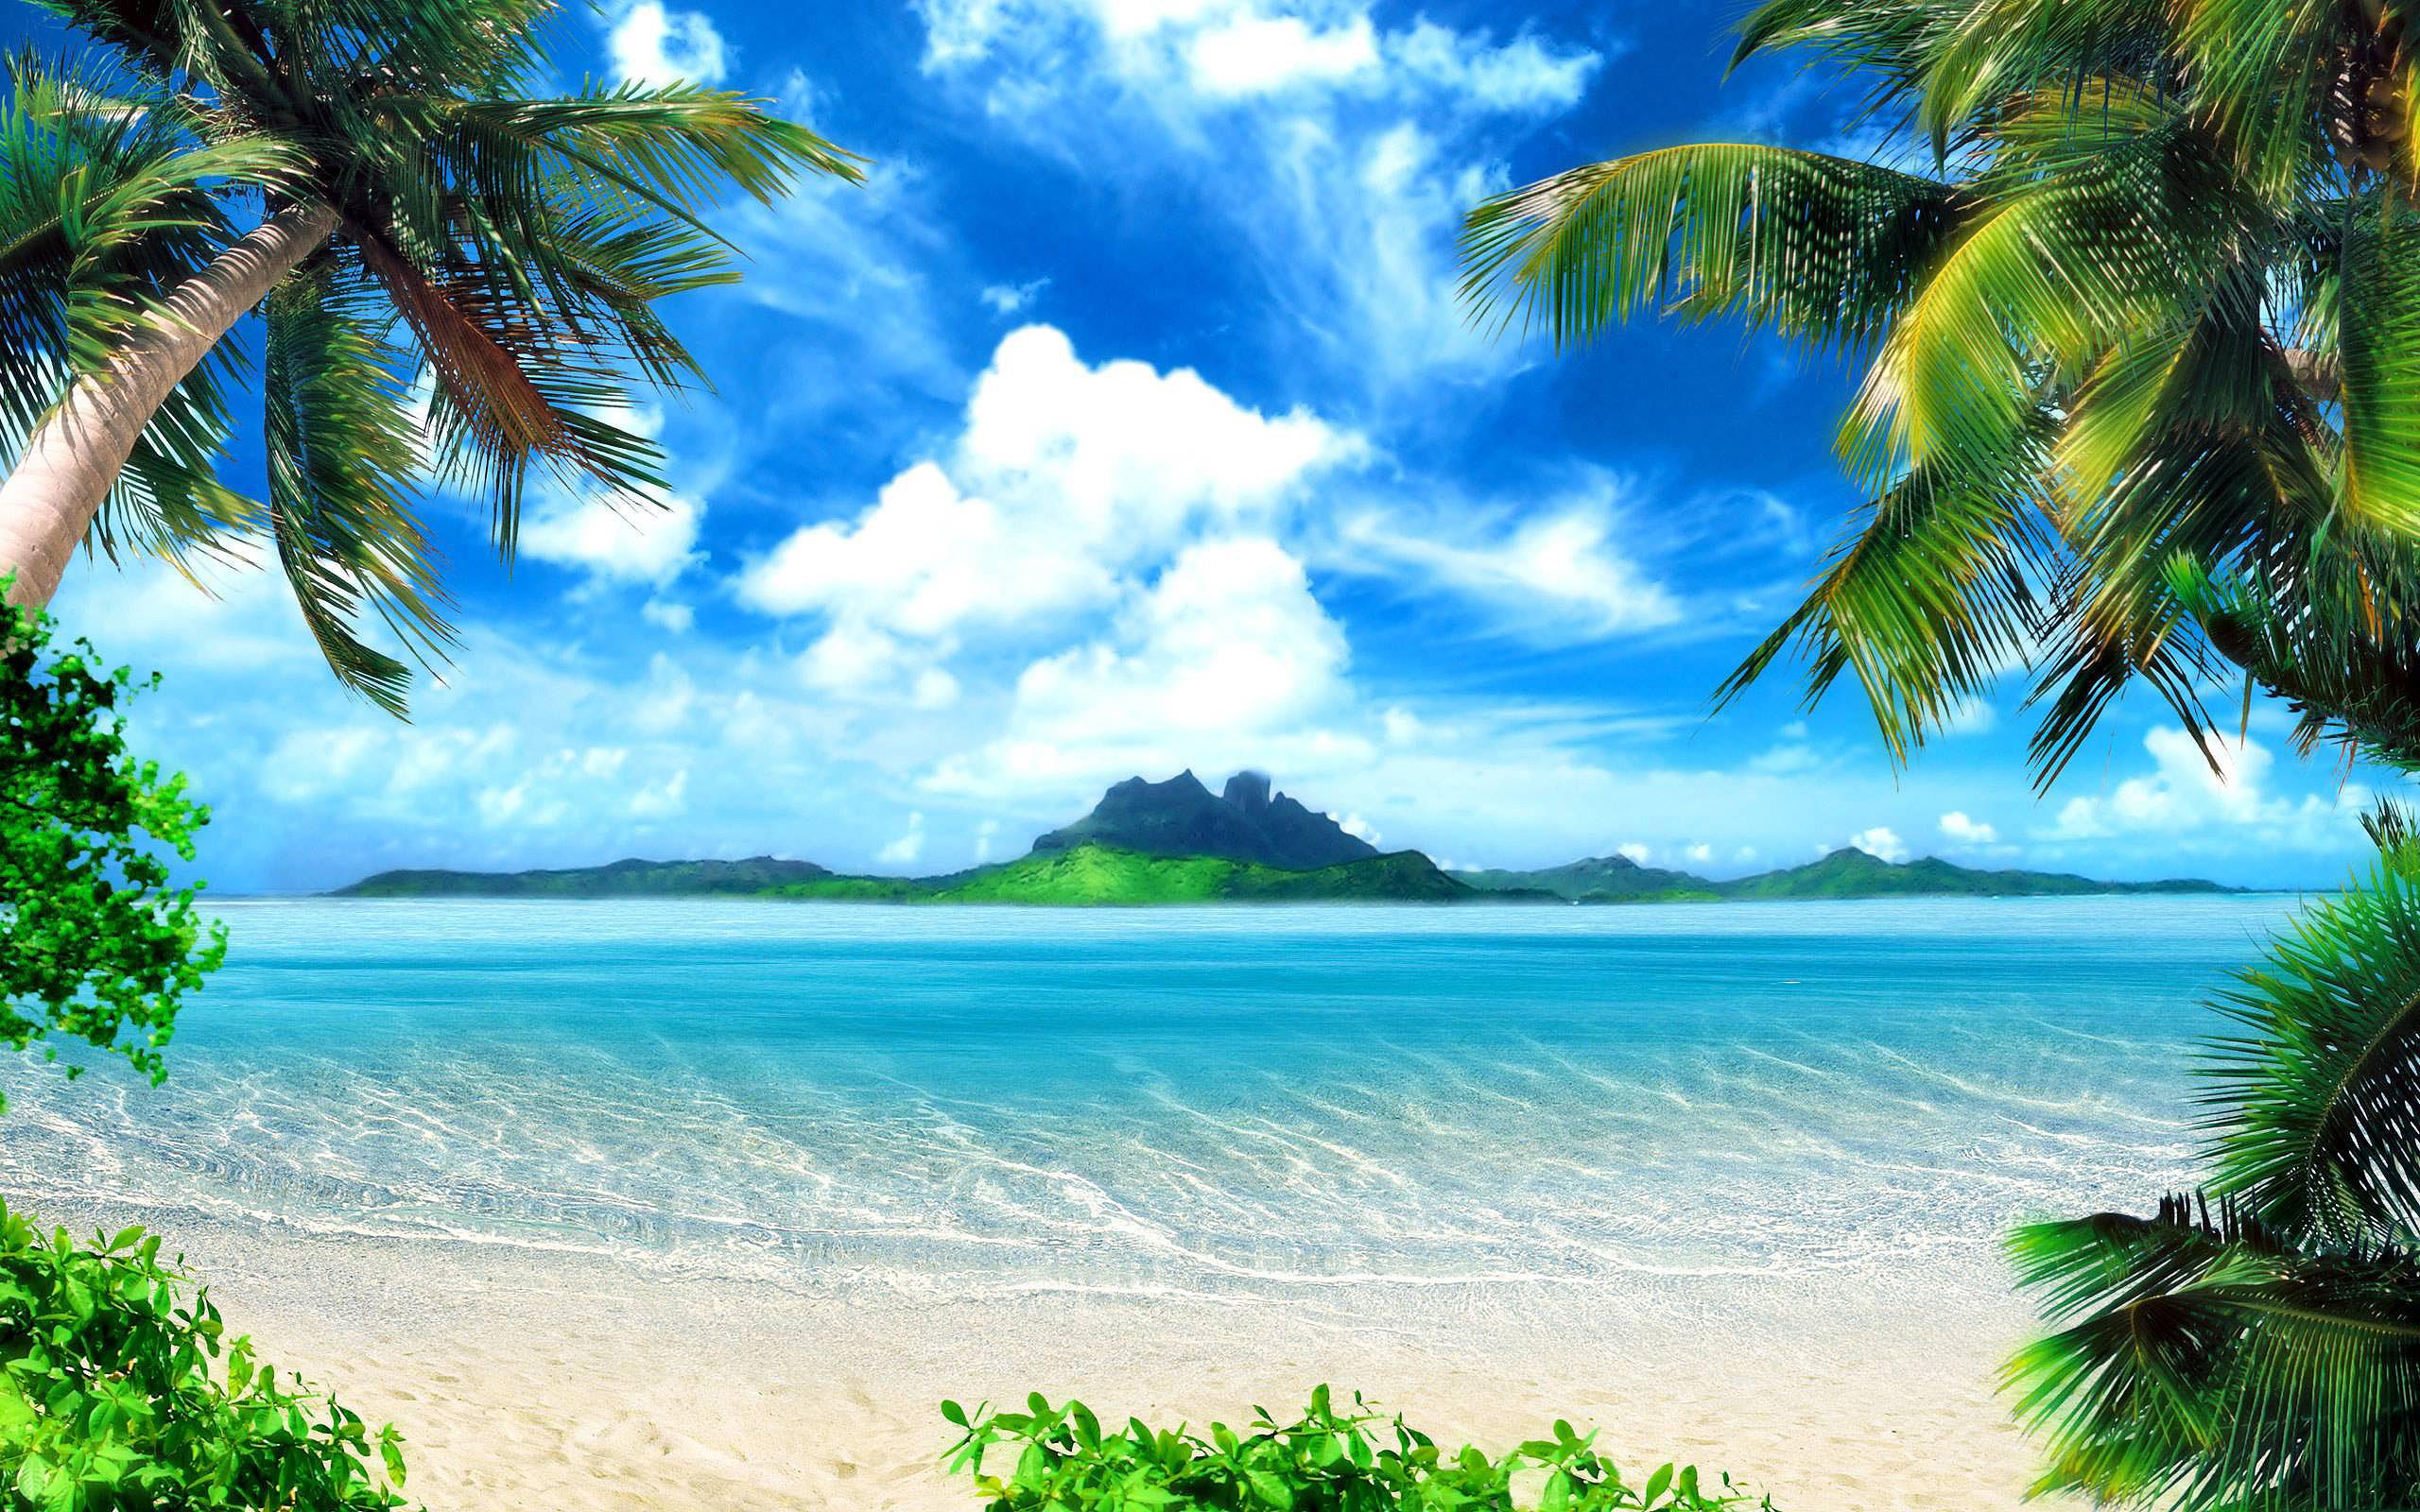 Картинки с рисунком моря